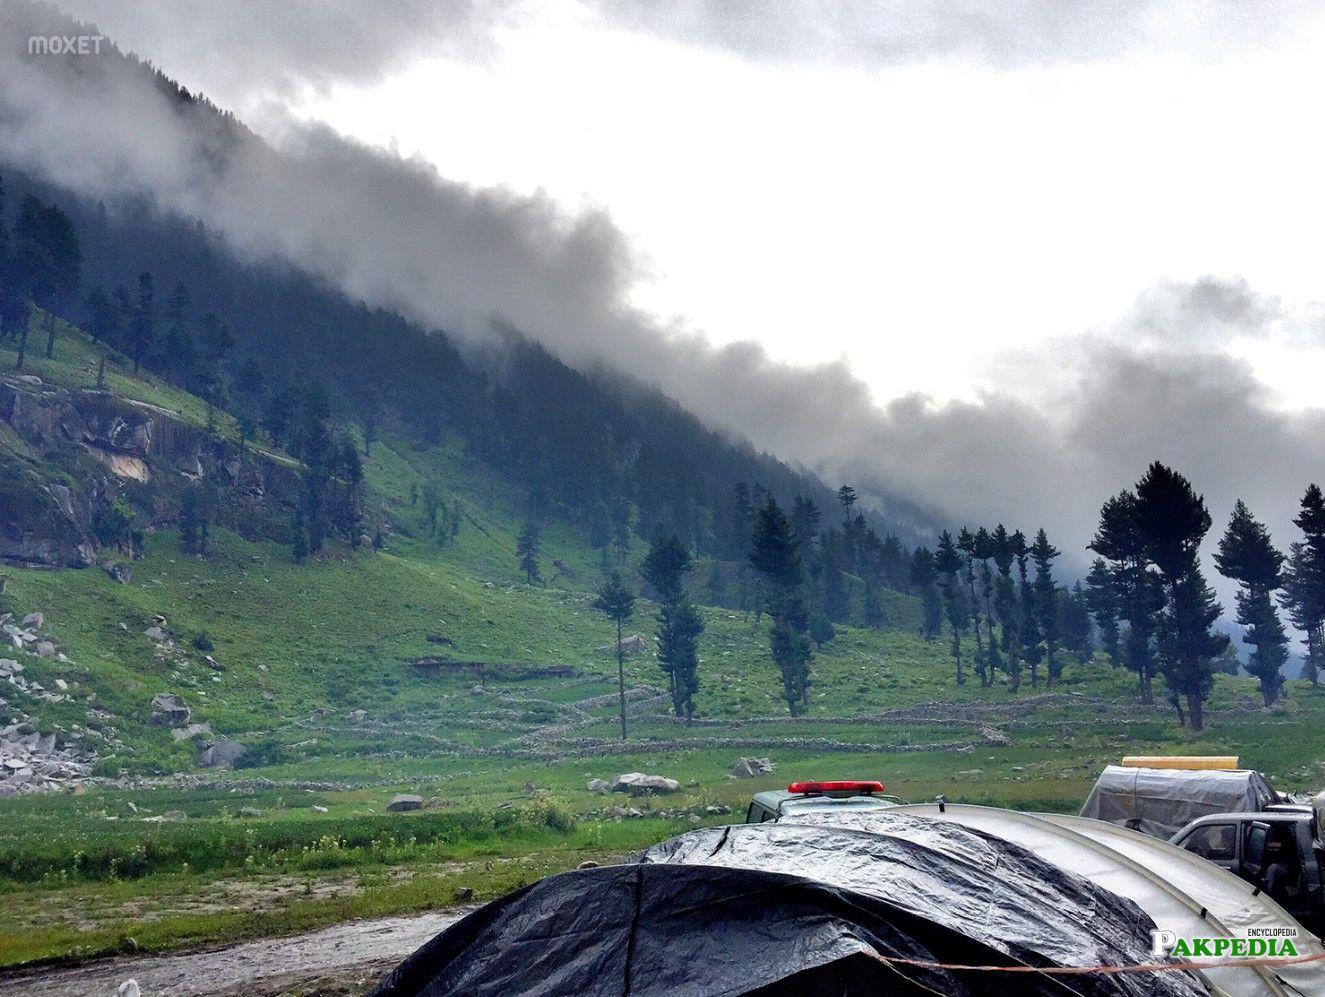 Camping in Kumrat